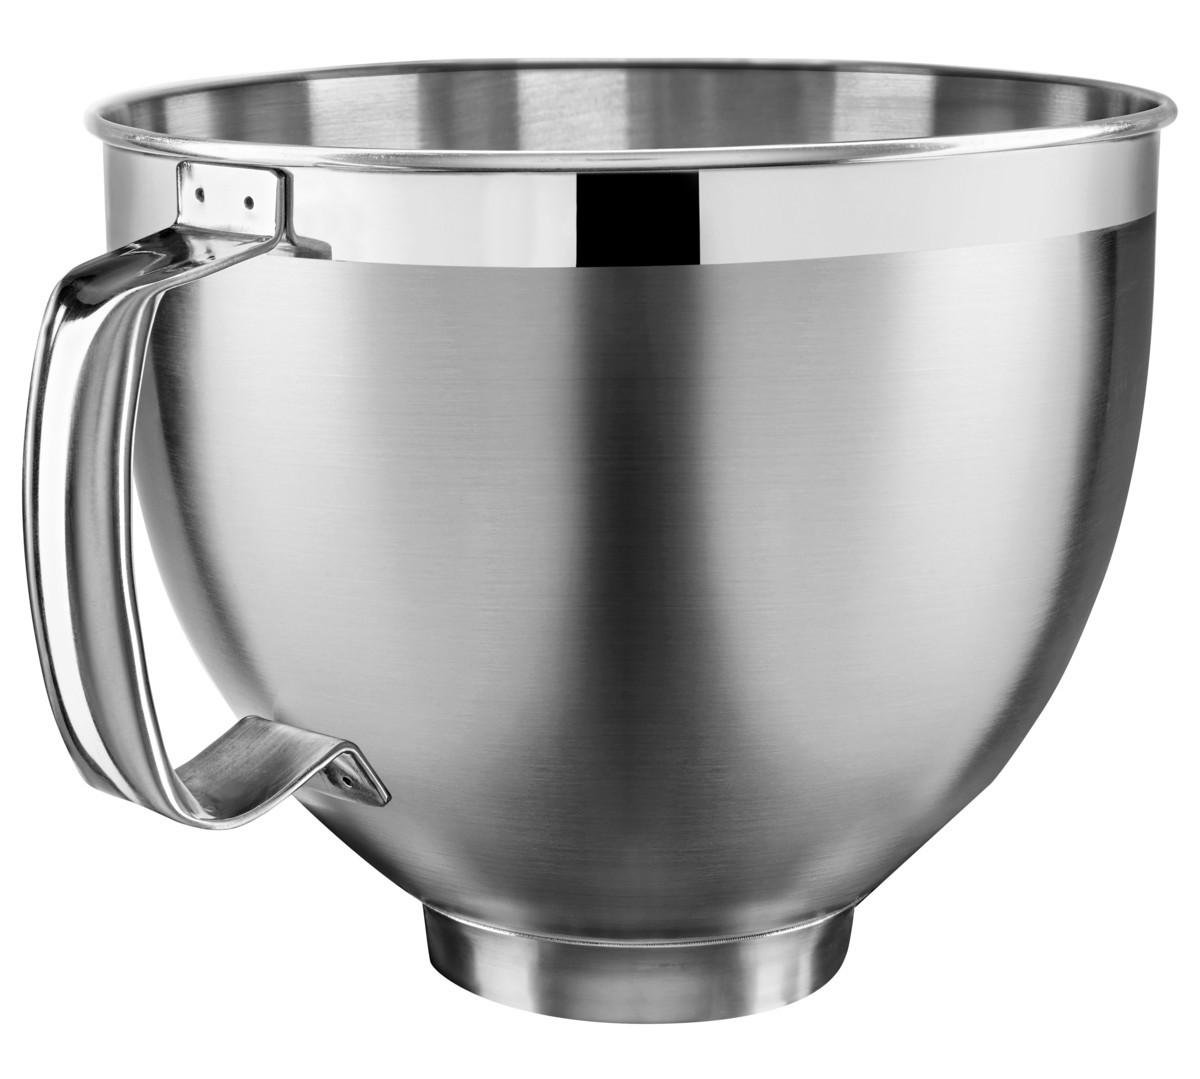 KitchenAid Küchenmaschine 185PS 4,8-L-Schüssel